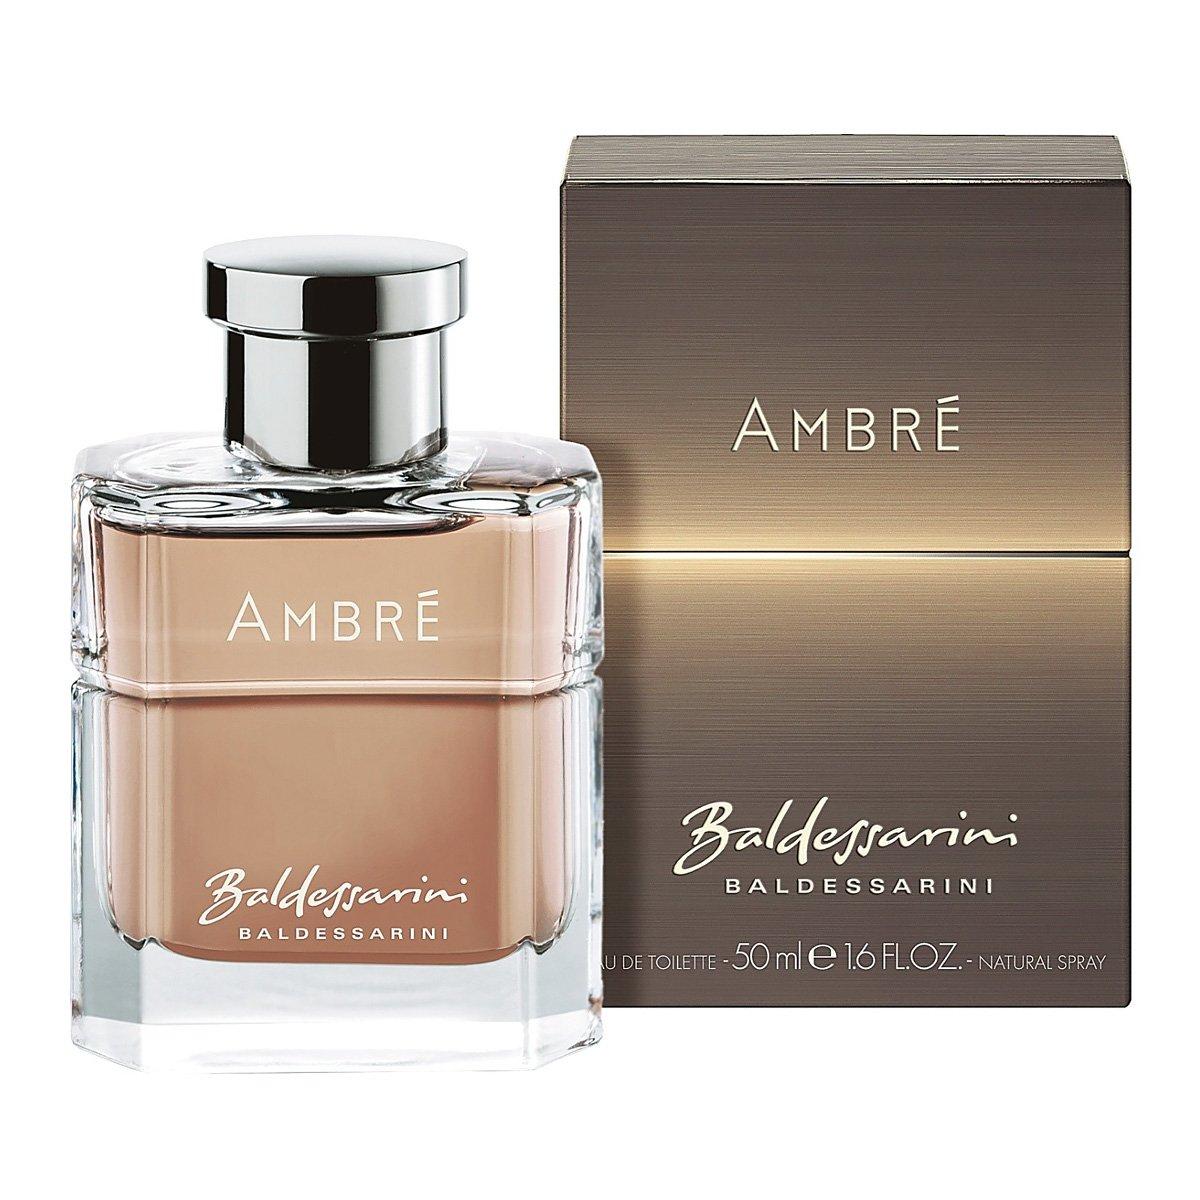 автомобильная парфюмерия Ambre от Baldessarini